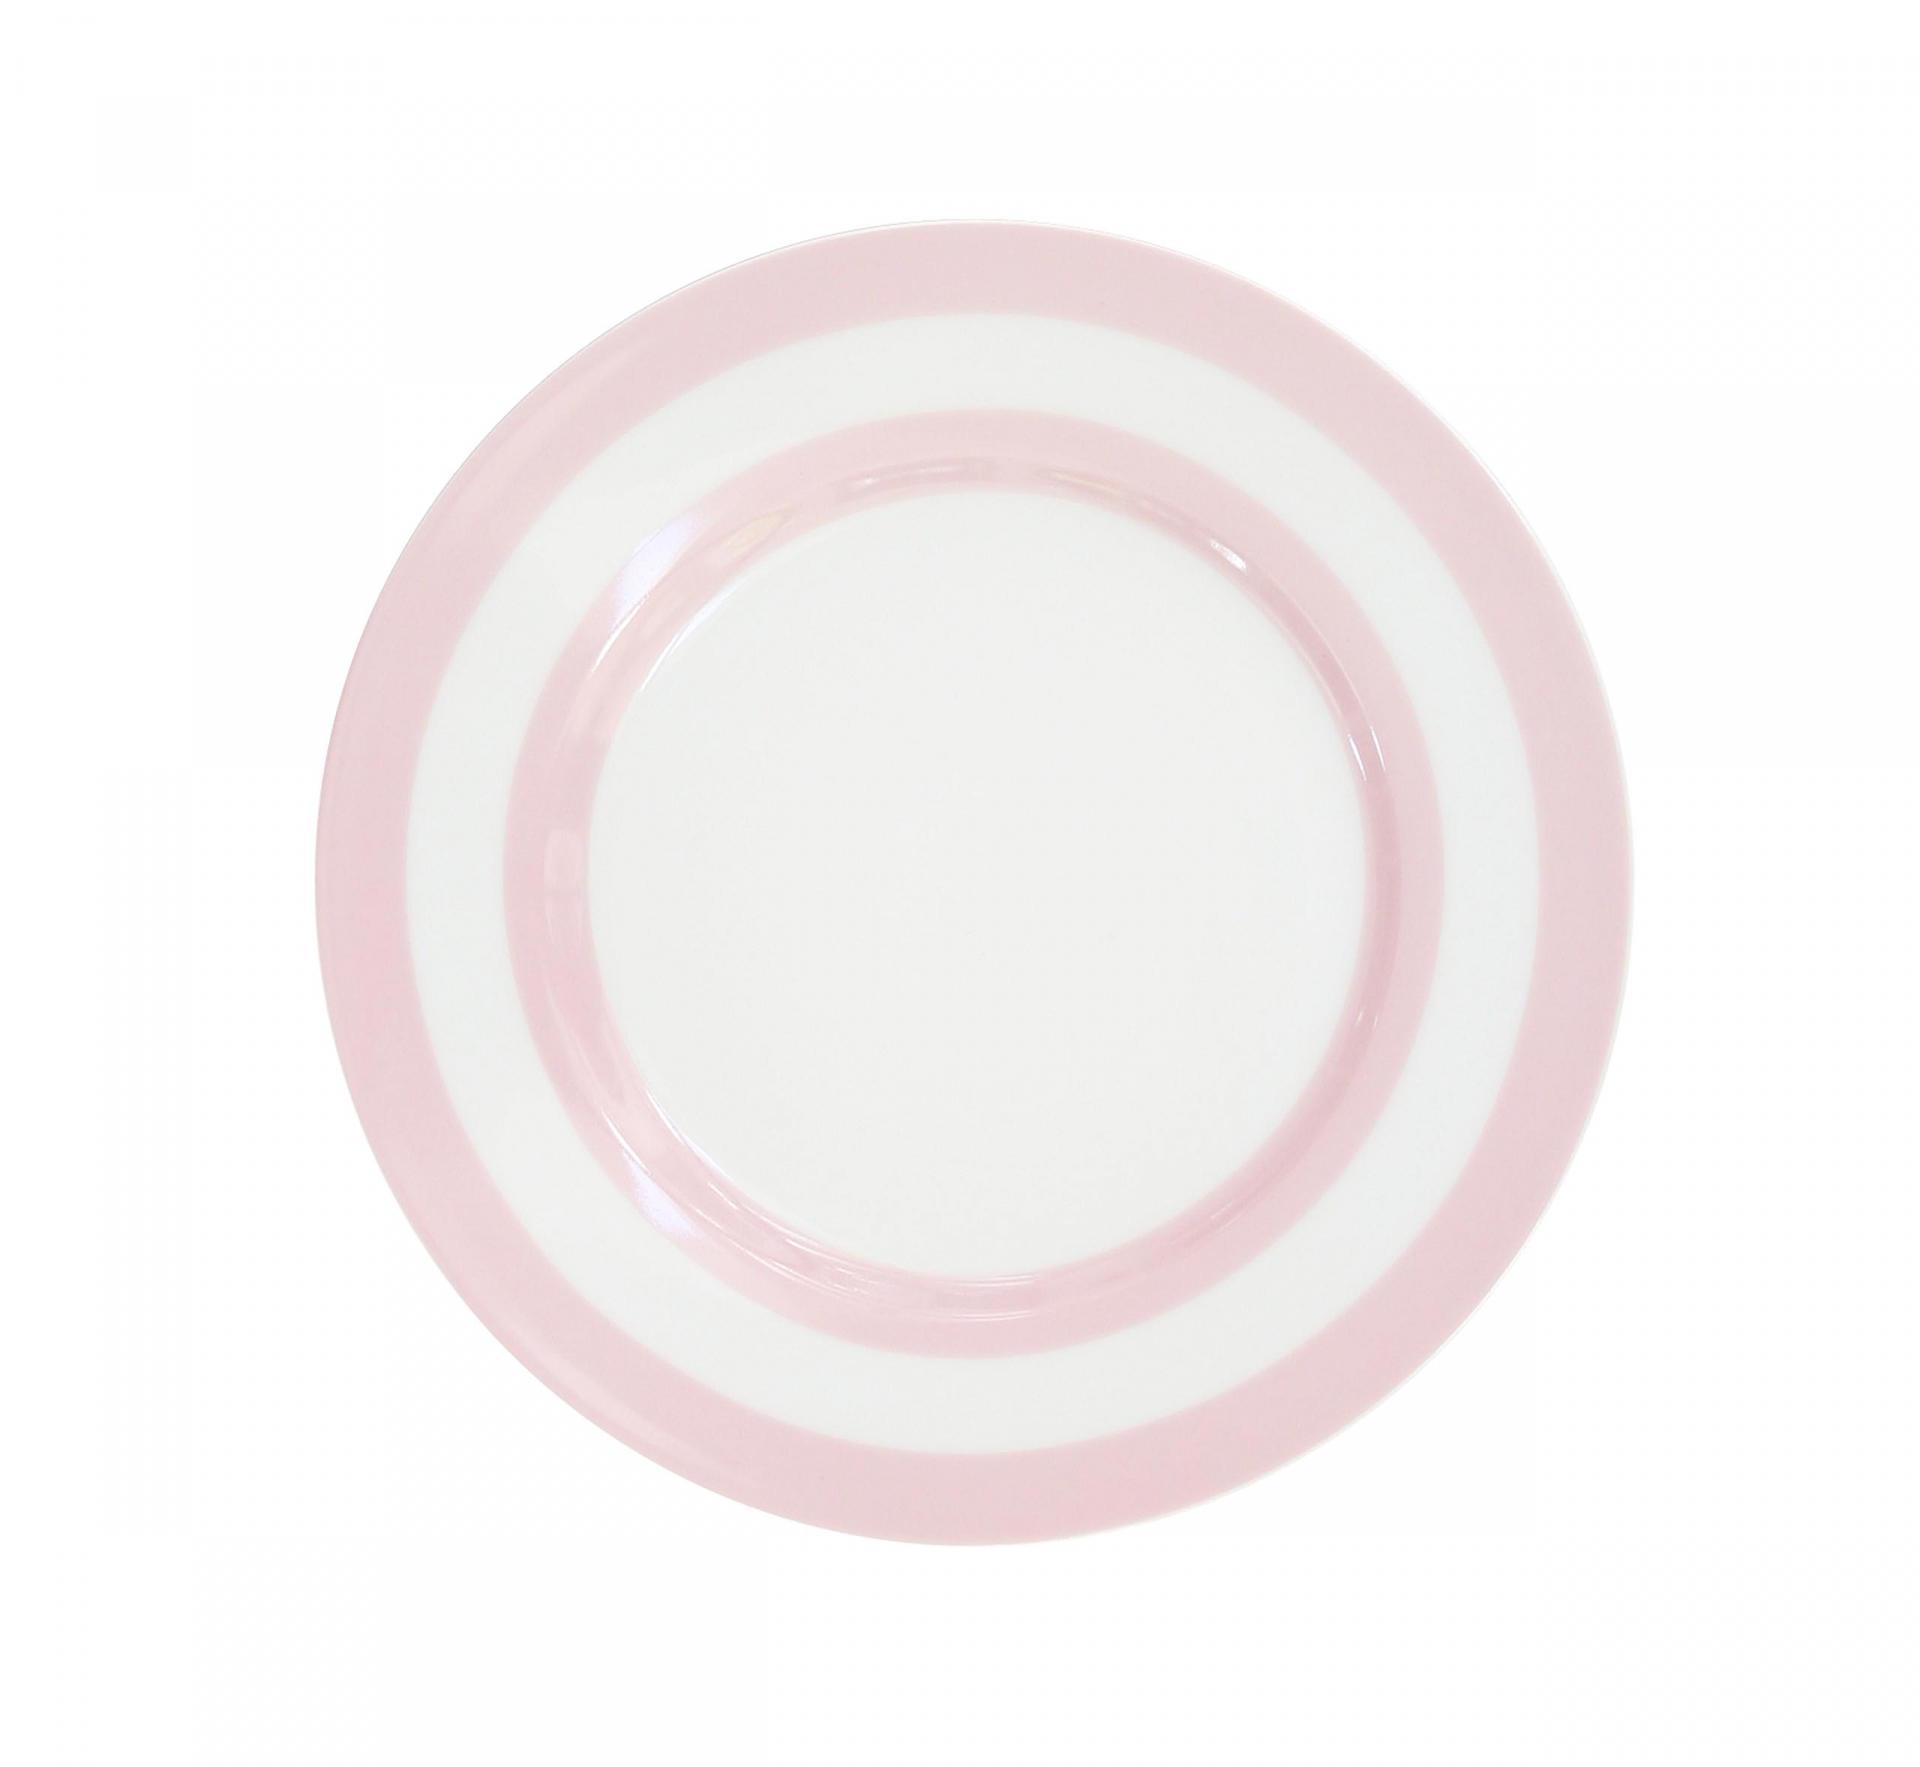 Krasilnikoff Dezertní talíř Pink Stripes, růžová barva, bílá barva, porcelán 20 cm